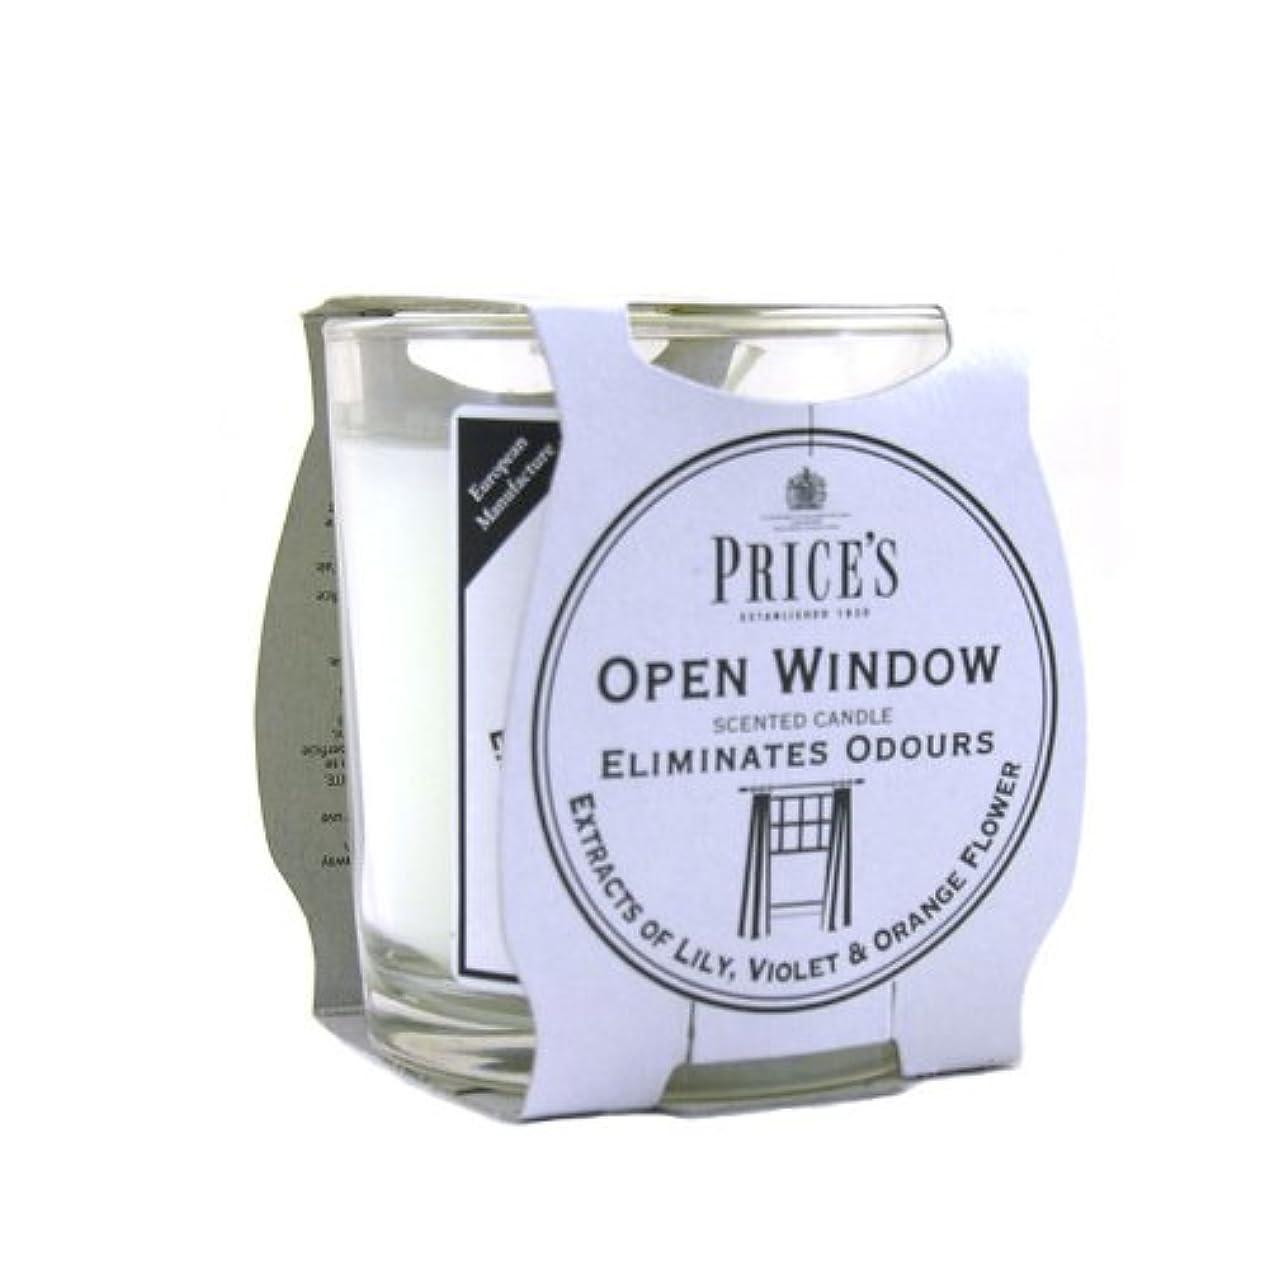 アスリート高さスイングPrice′s(プライシズ) Fresh Air CANDLE TIN Jar type (フレッシュエアー キャンドル ジャータイプ) OPEN WINDOW(オープンウィンドゥ)